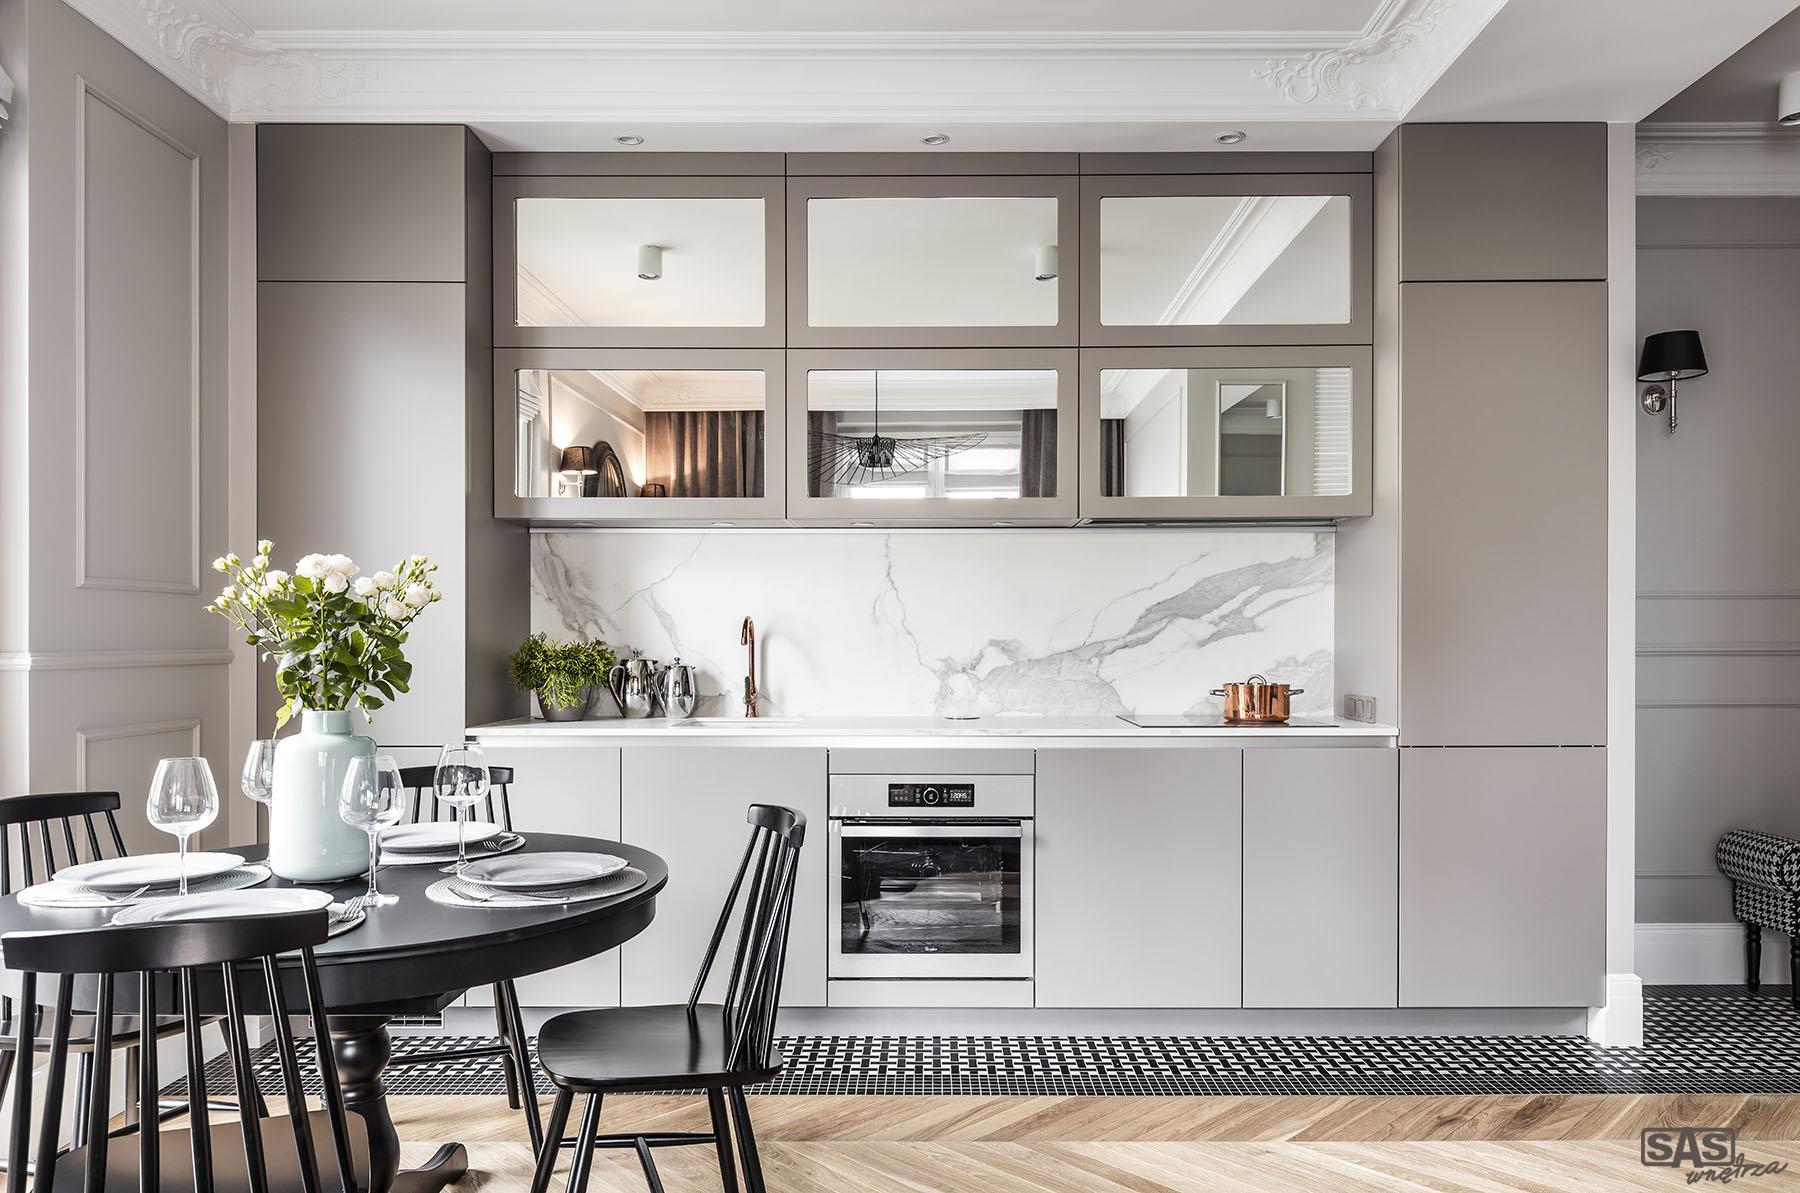 Meble kuchenne pod wymiar Gabriel - meble kuchenne w wykonaniu SAS Wnętrza i Kuchnie - projekt architekt wnętrz Emilia Strzempek Plasun.